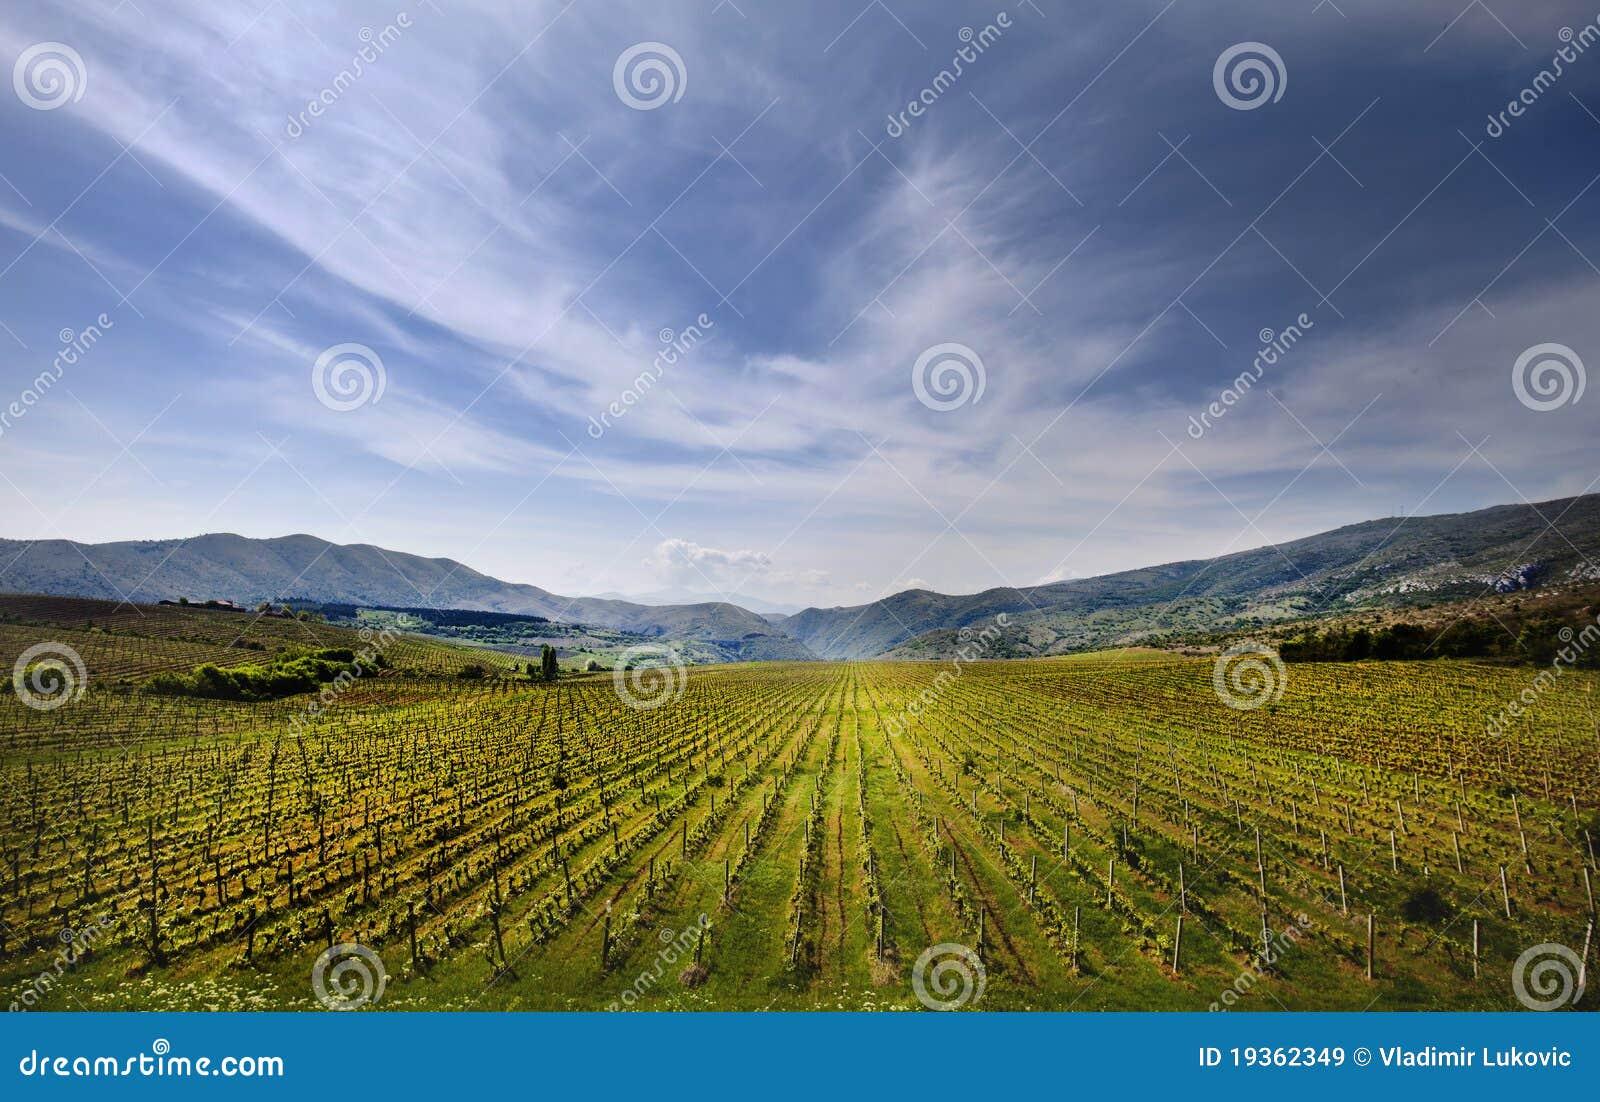 Campo do vinhedo em Macedónia